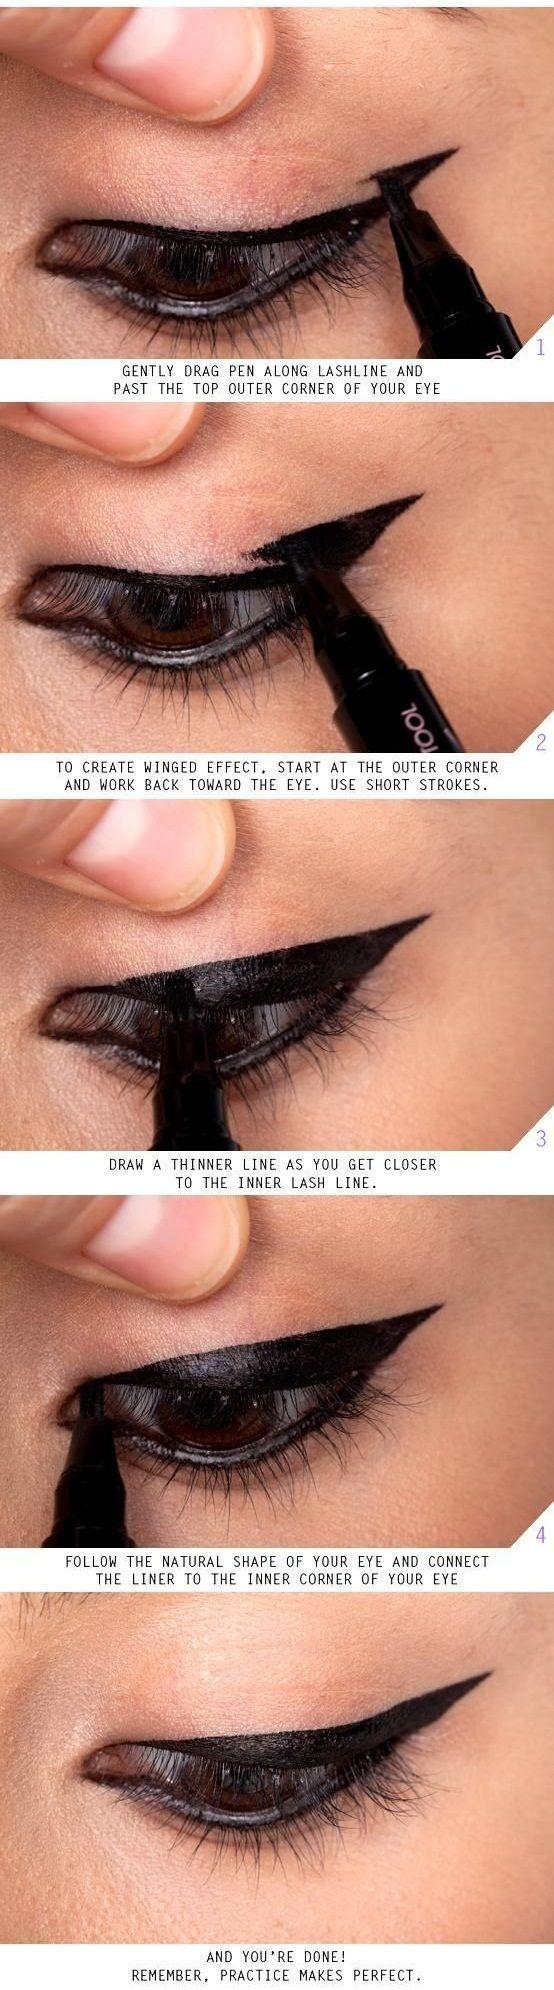 Amazing tutorials on eyeliner tricks for big eyes or small eyes.   http://makeuptutorials.com/makeup-tutorials-17-great-eyeliner-hacks/